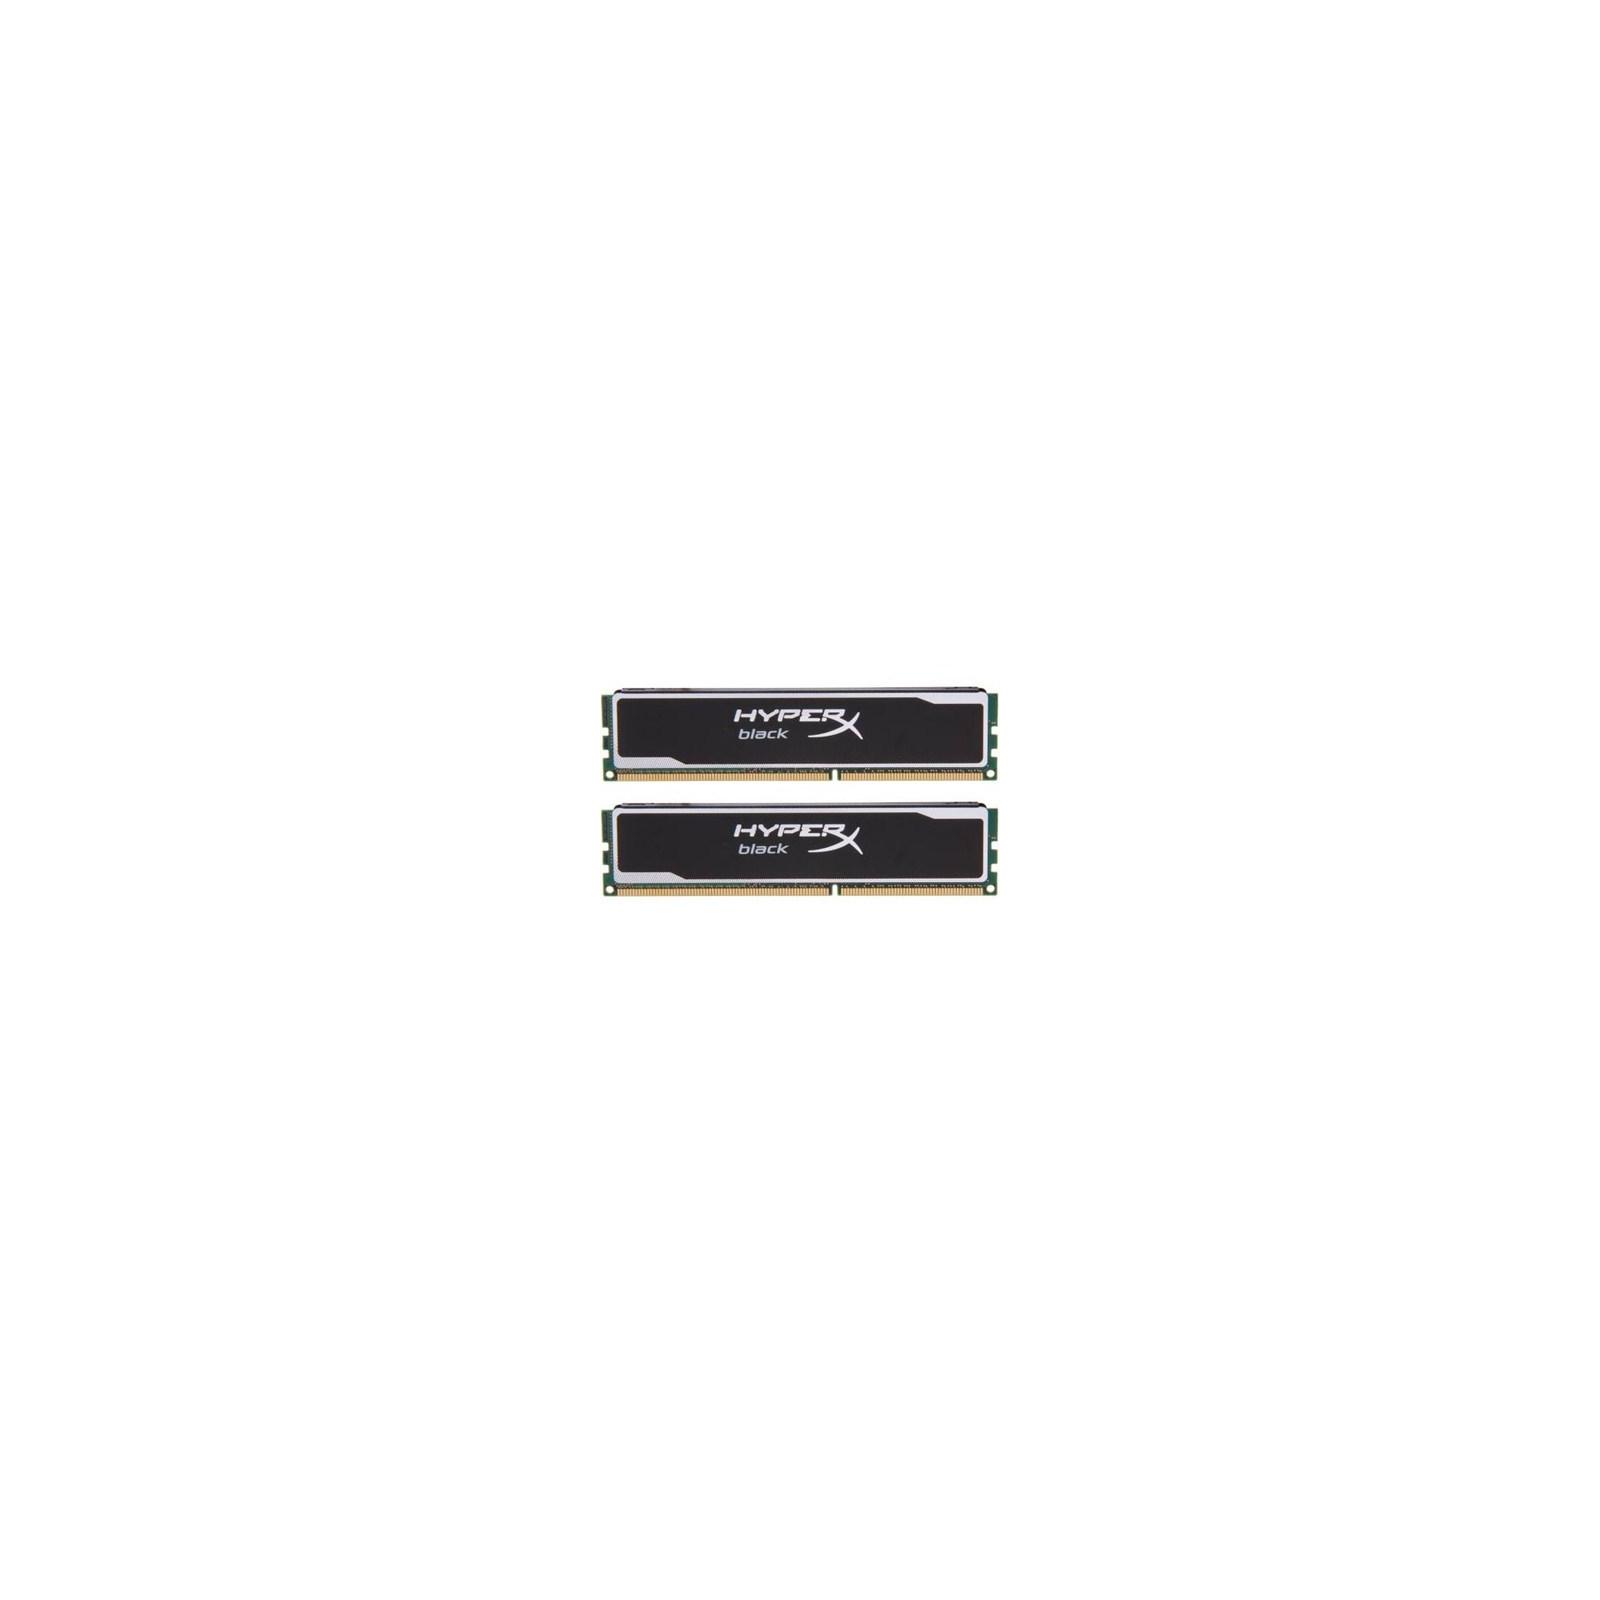 Модуль памяти для компьютера DDR3 4GB (2x2GB) 1600 MHz Kingston (KHX16C9B1BK2/4X / KHX16C9B1BK2/4)